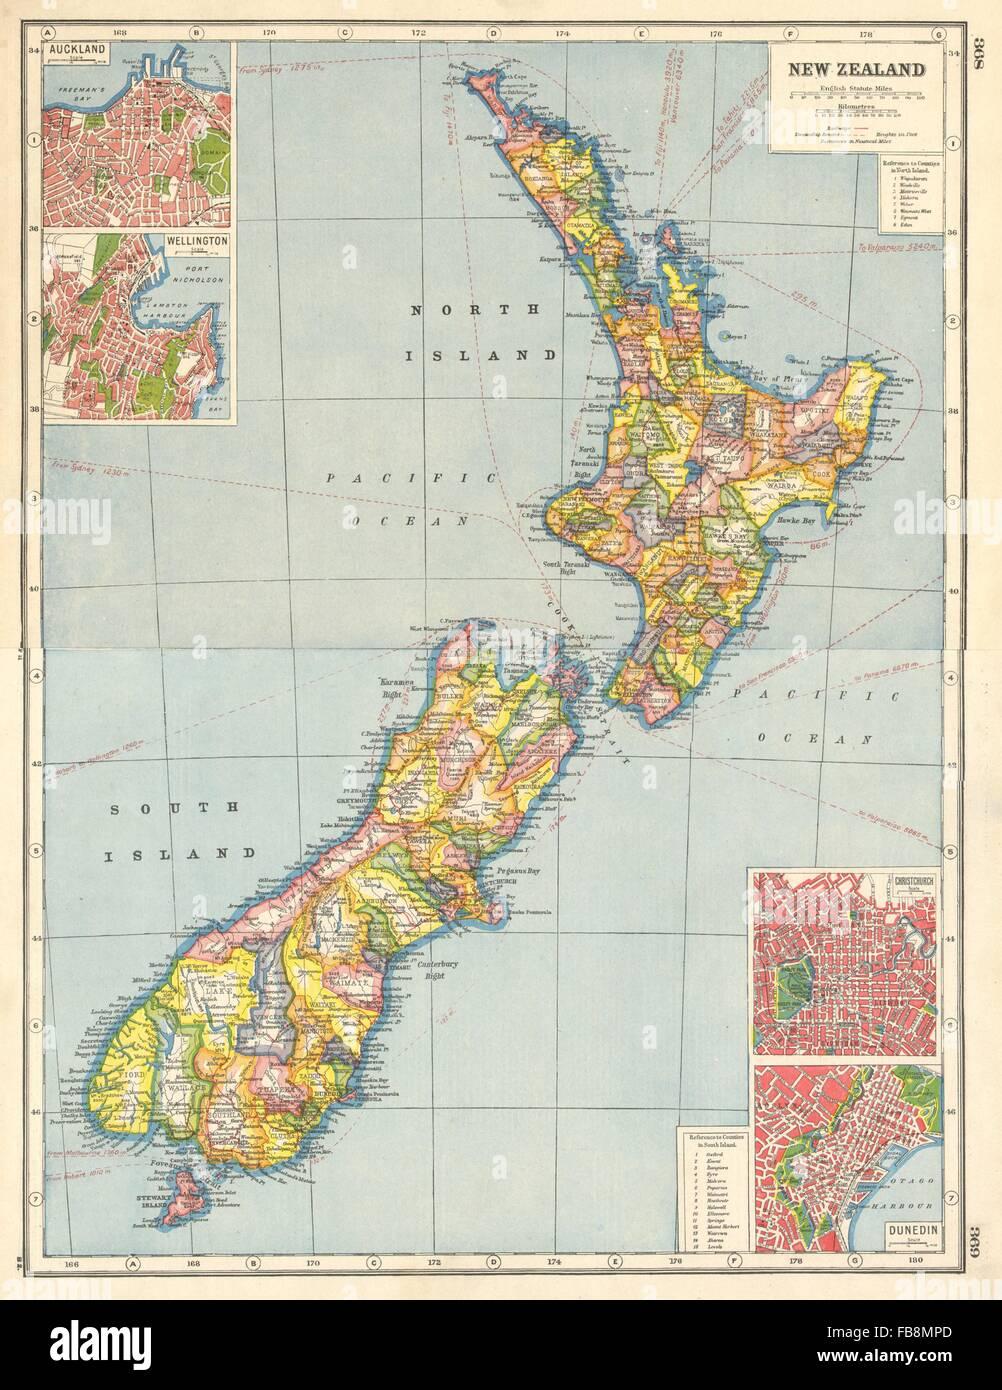 NEW ZEALAND Counties Auckland Wellington Christchurch Dunedin